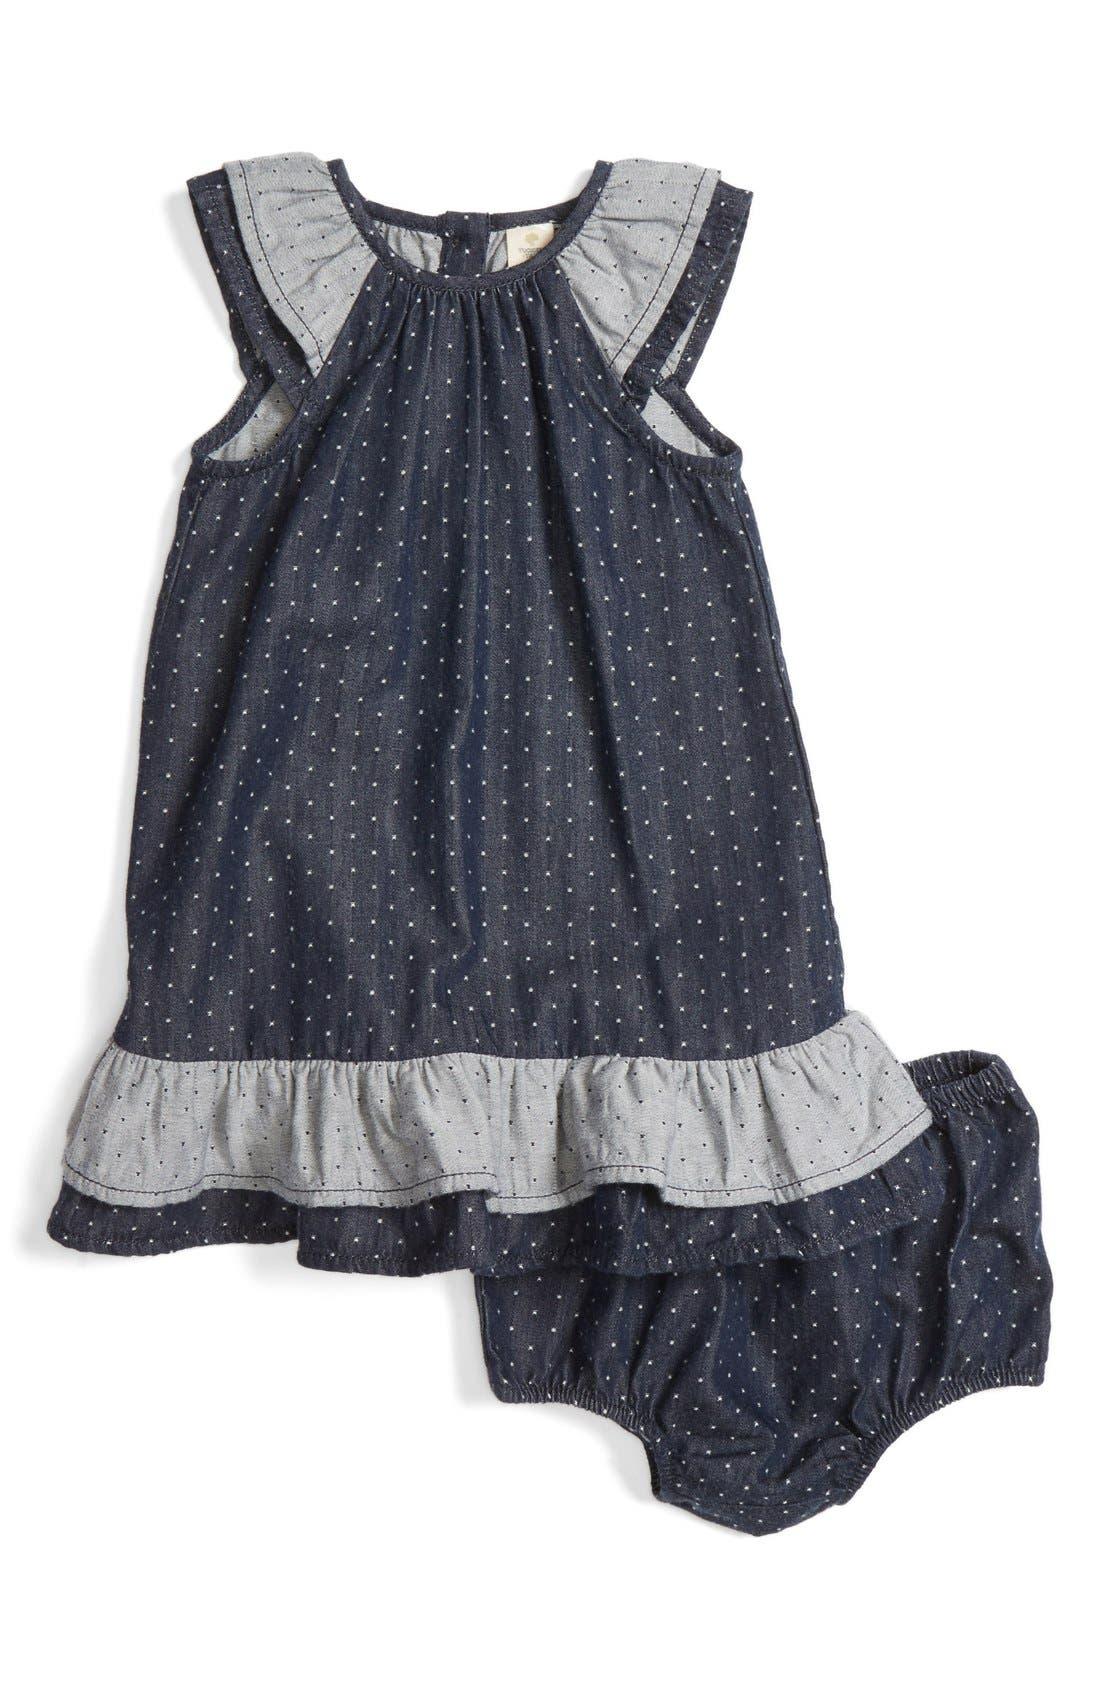 Alternate Image 1 Selected - Tucker + Tate Dot Flutter Sleeve Chambray Dress (Baby Girls)